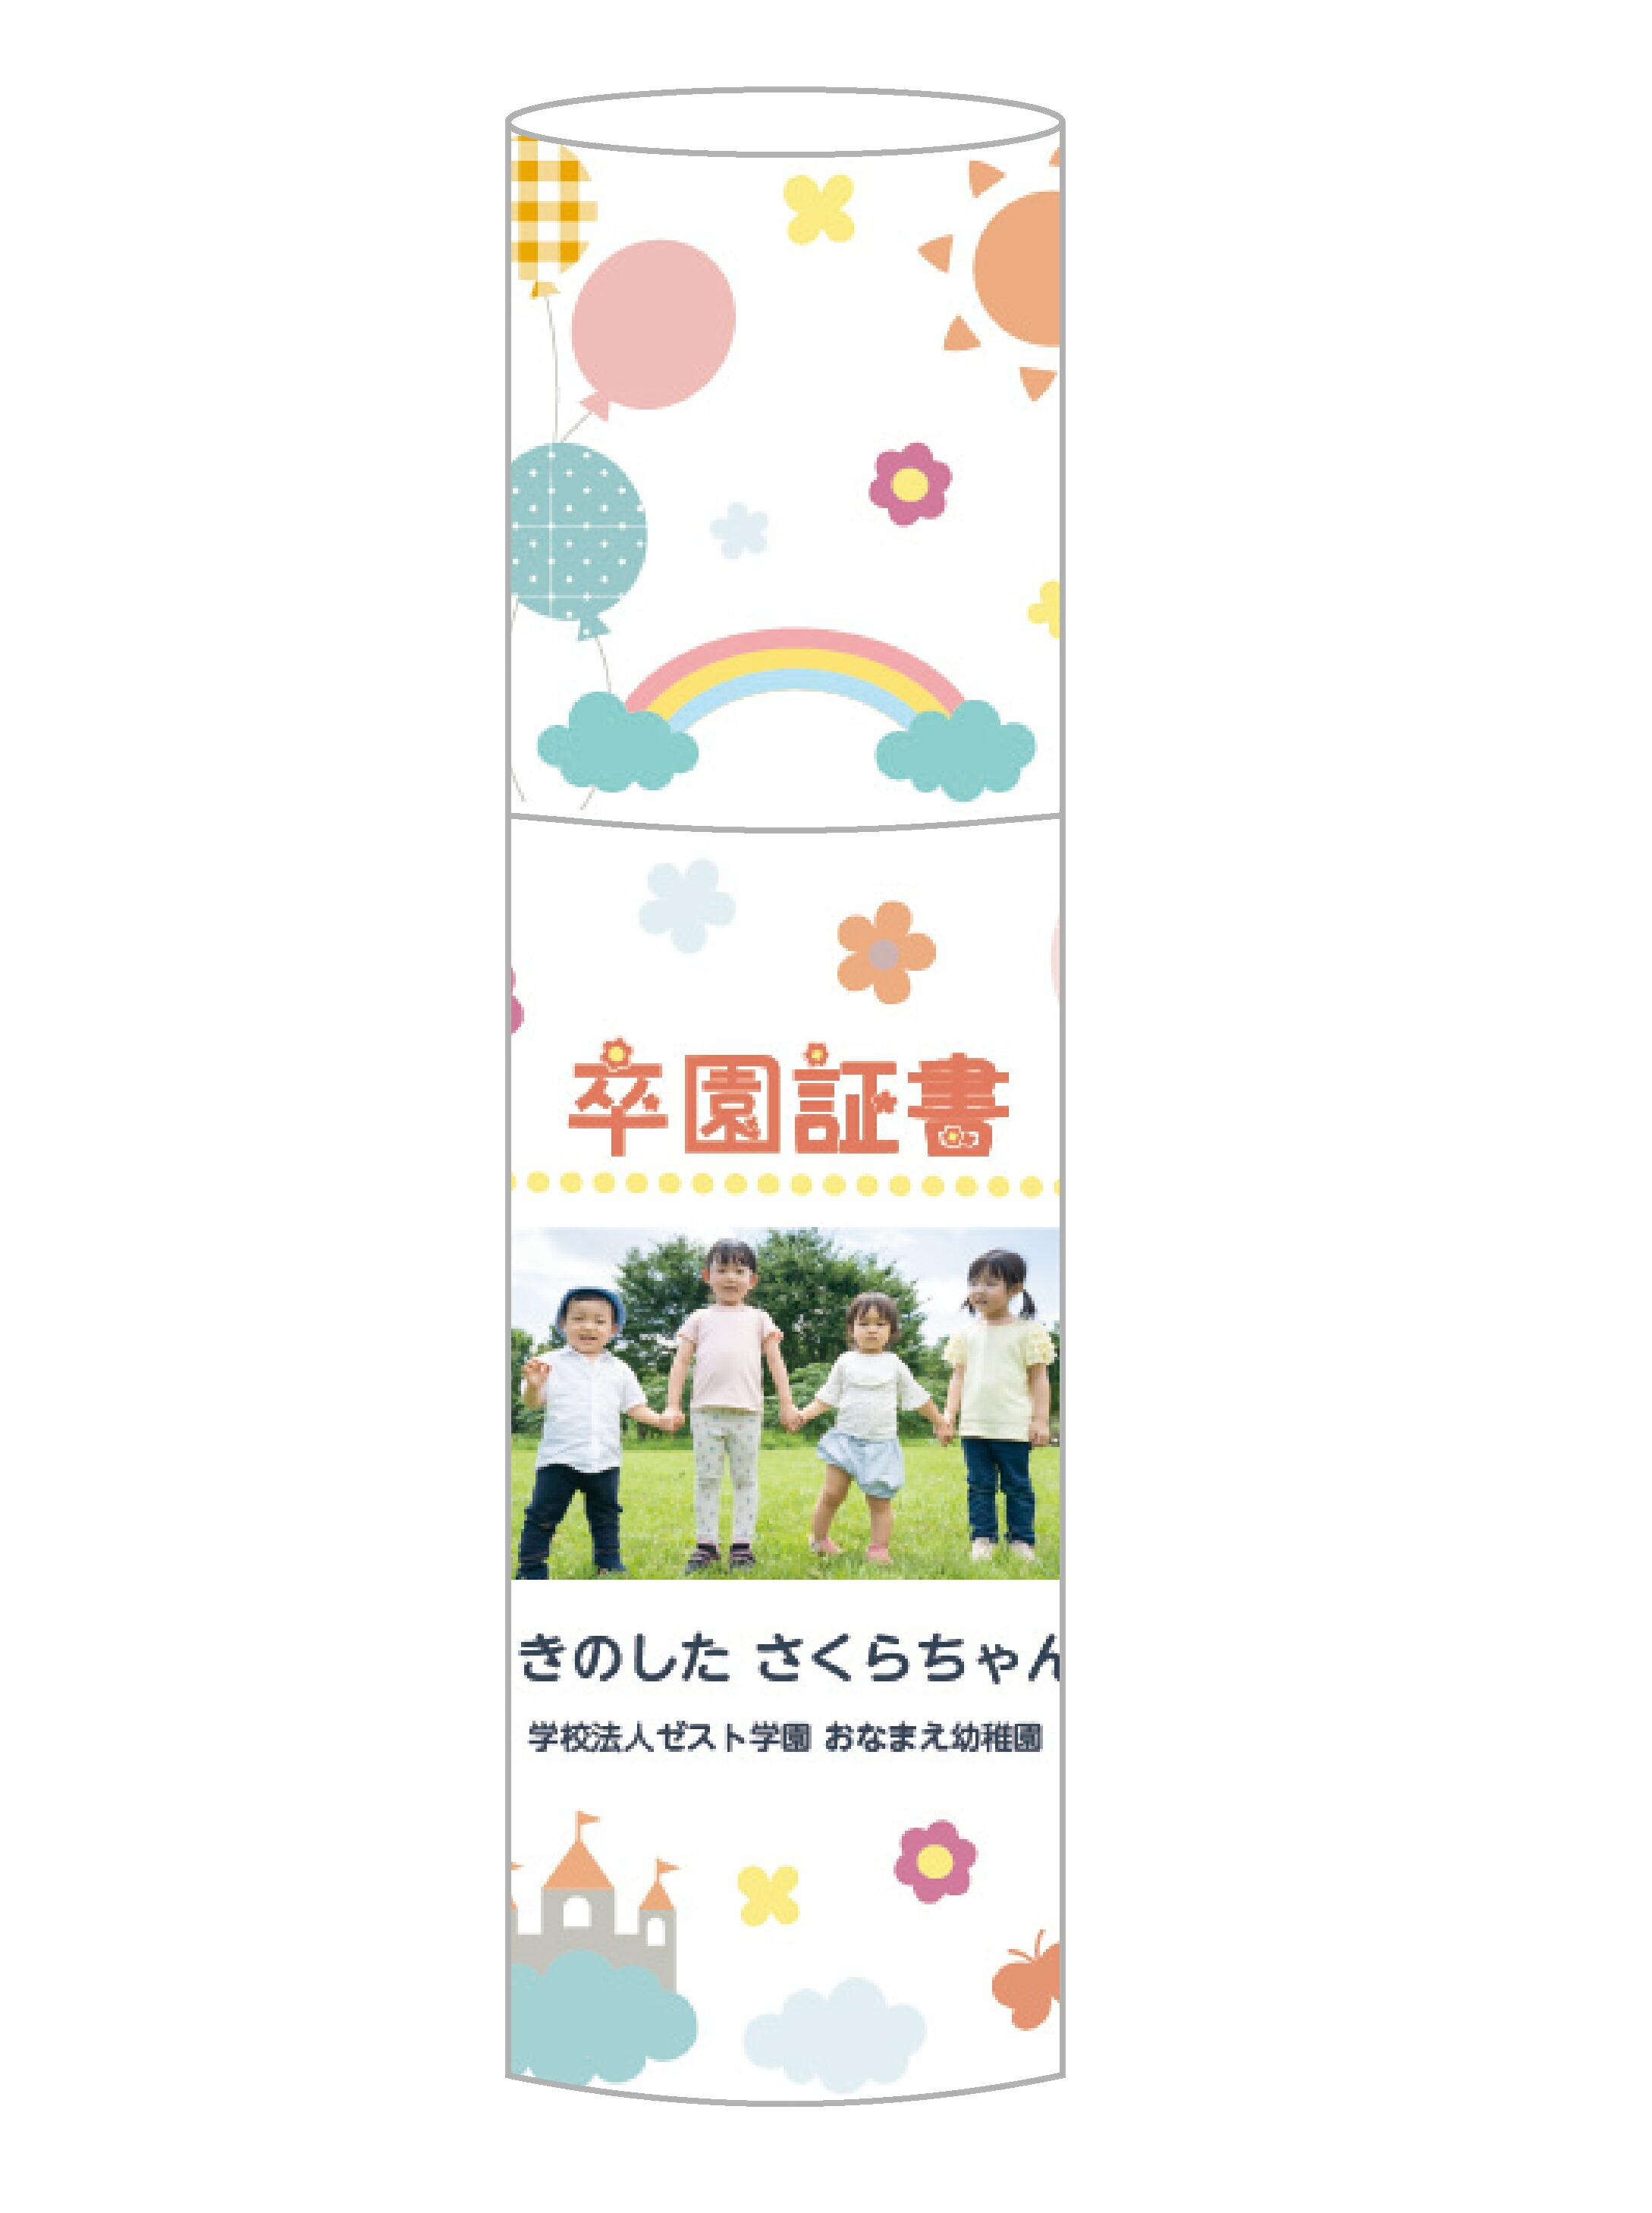 02集合写真_卒園証書